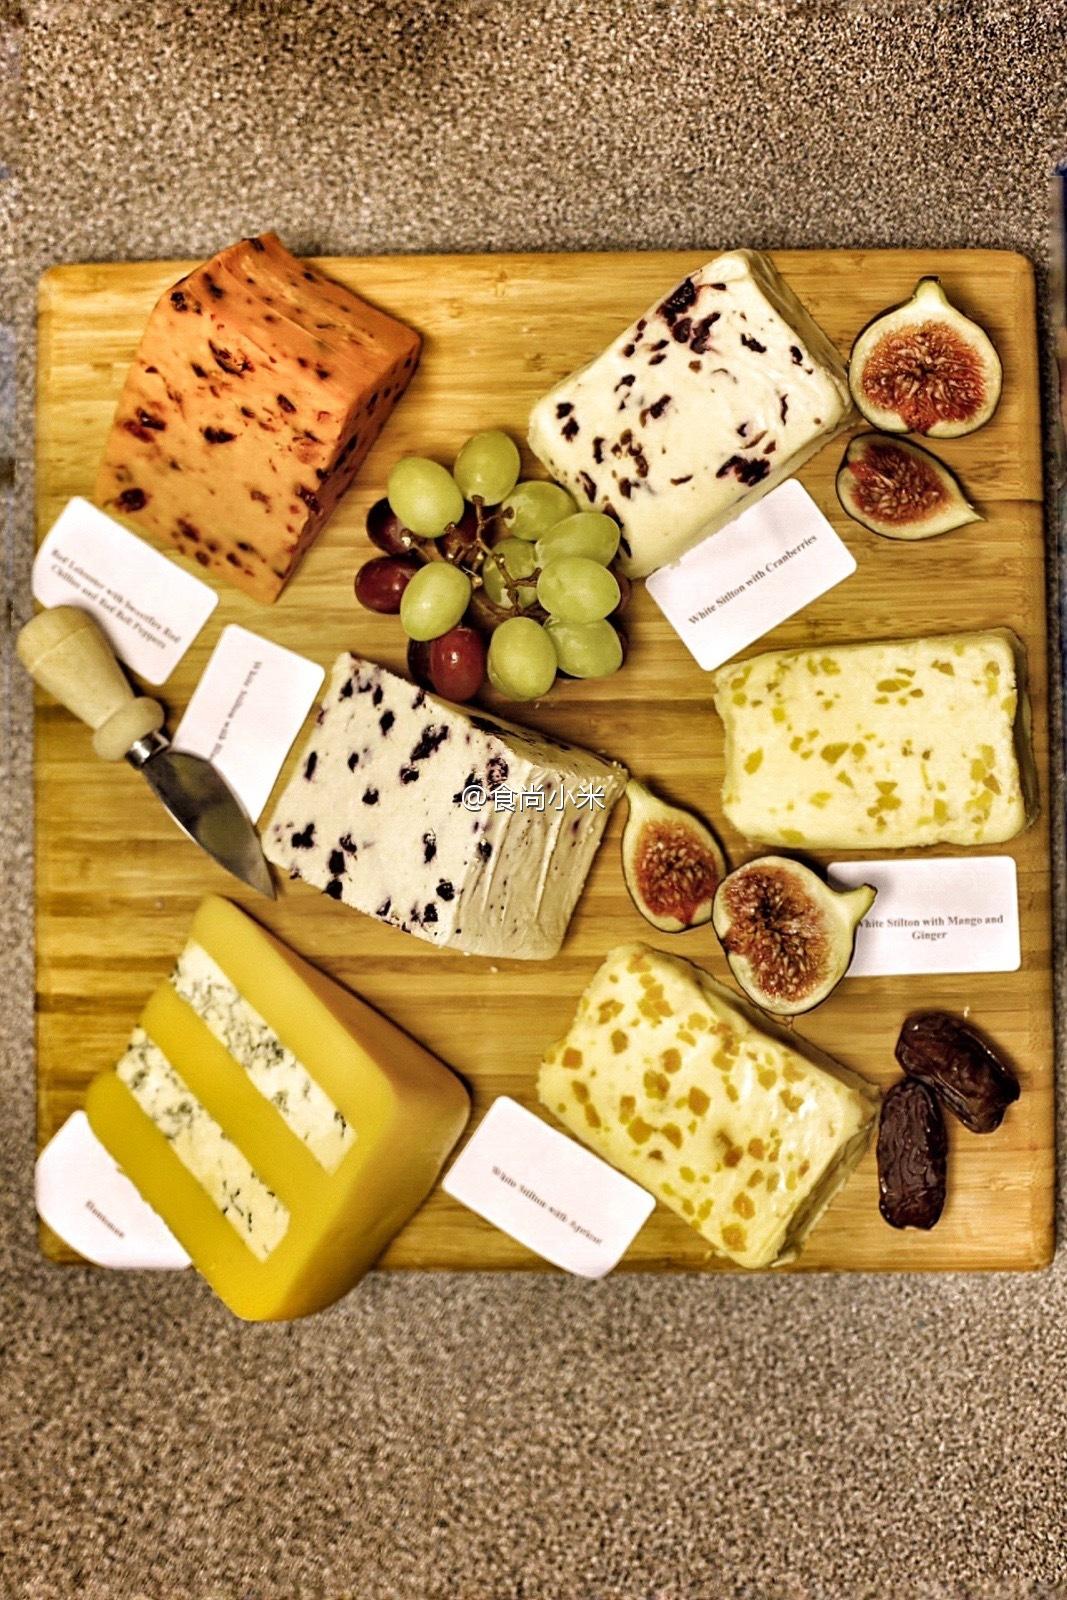 食尚小米探秘世界三大蓝纹奶酪中味道最浓烈的英国什么奶酪?